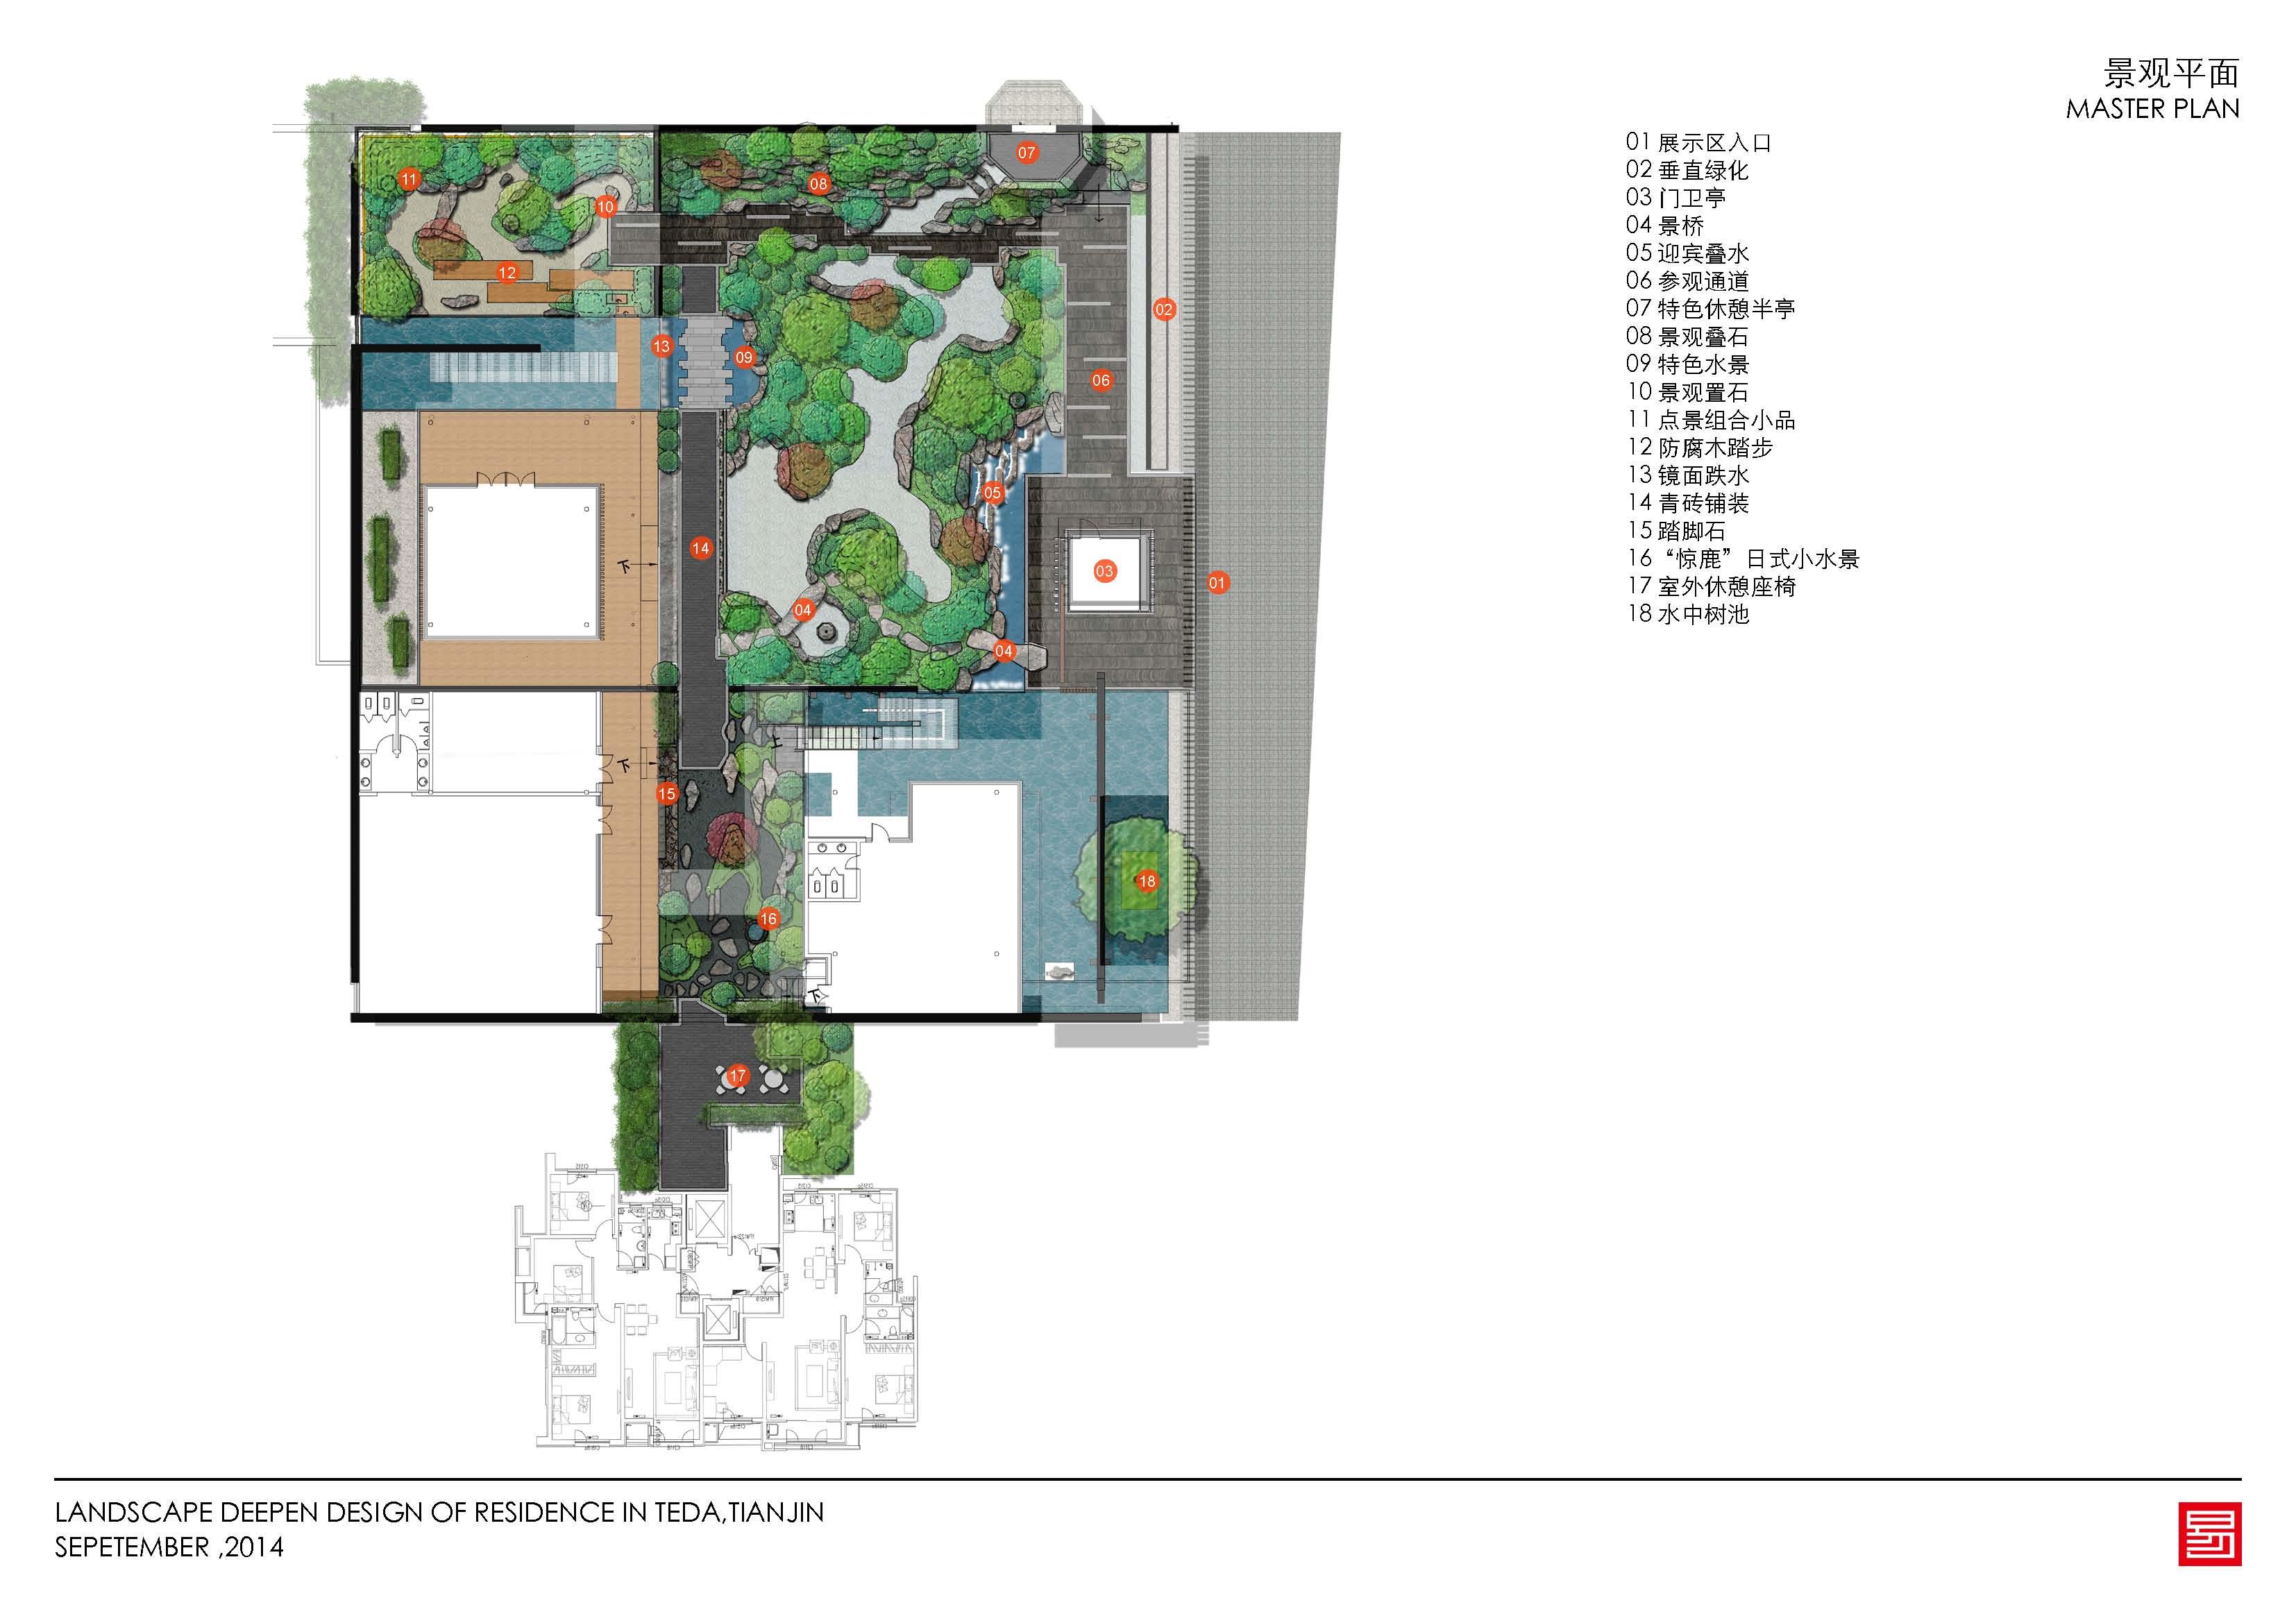 天津泰达展示区方案深化设计--YAS TO 徐工--2014-09-17_页面_03.jpg